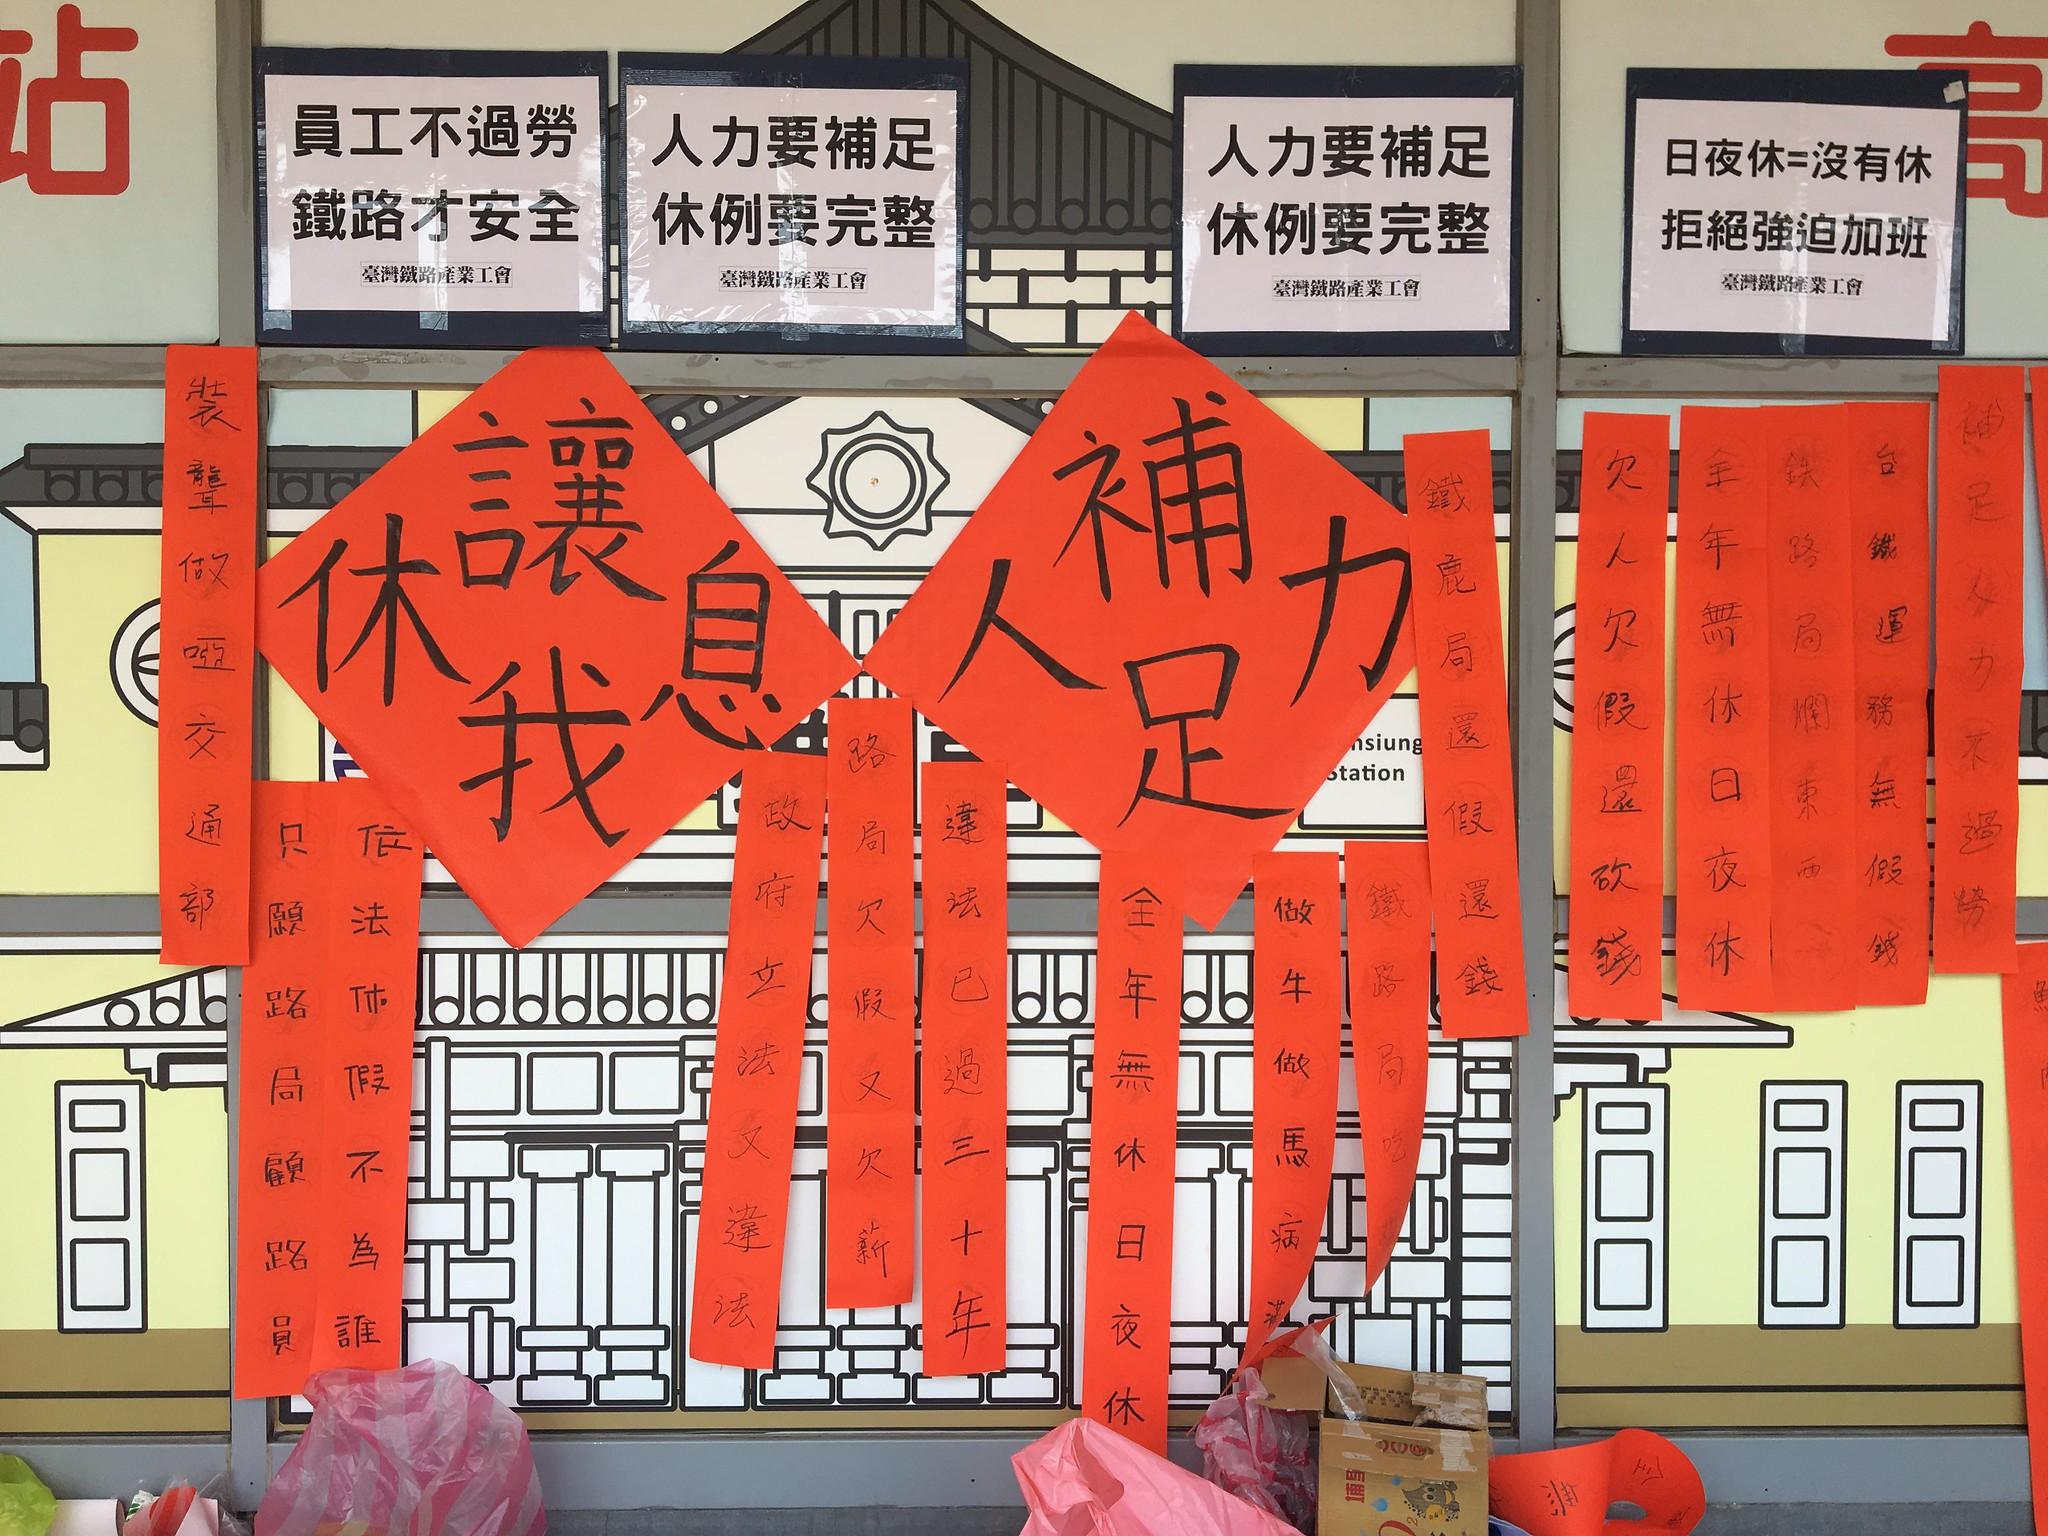 在誓师的高雄场,工会将春联贴在高雄火车站外墙,表达诉求。(摄影:陈逸婷)